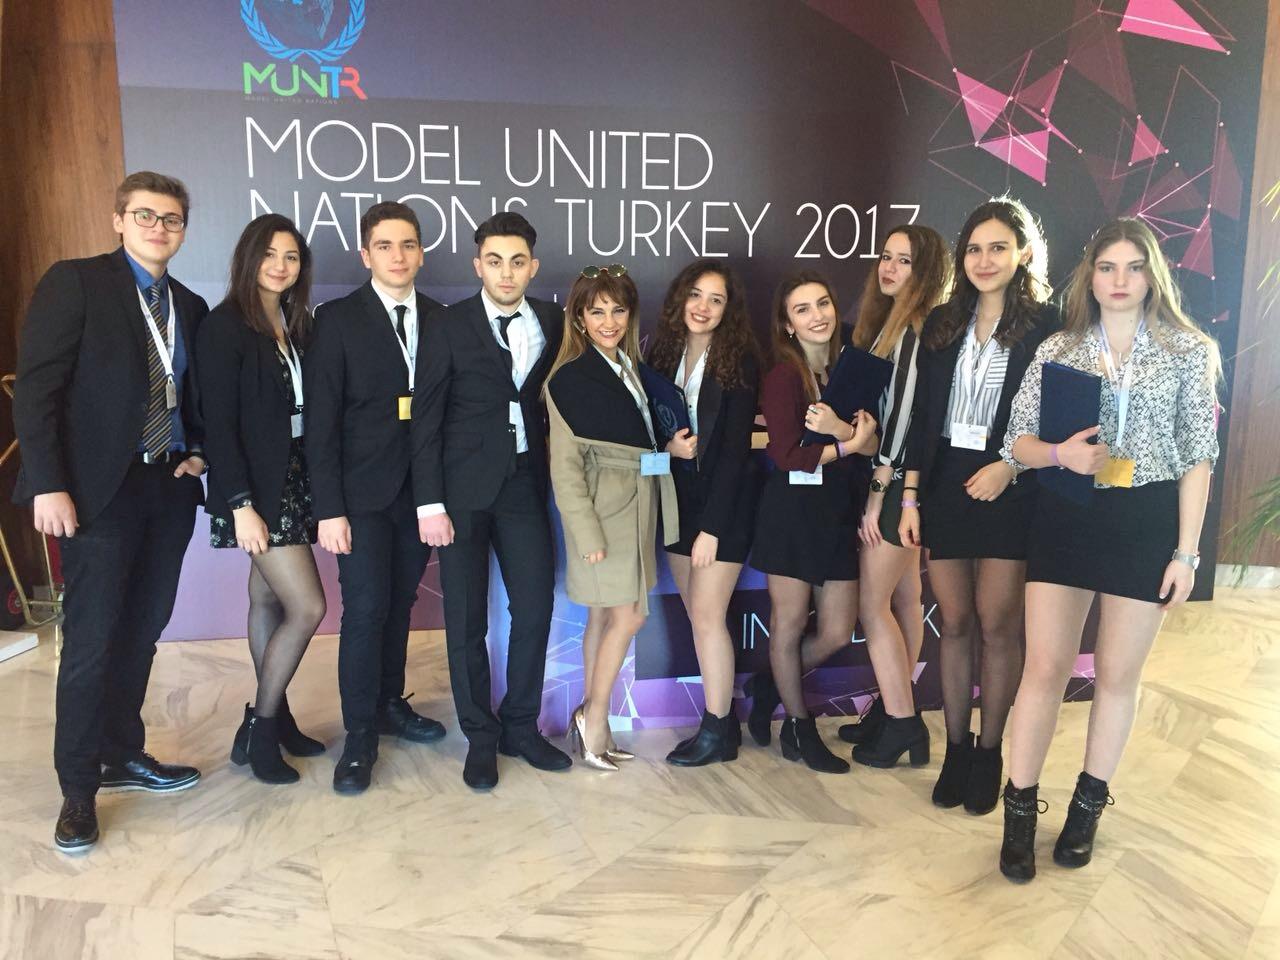 MEVMUN Kulübümüz Antalya'da